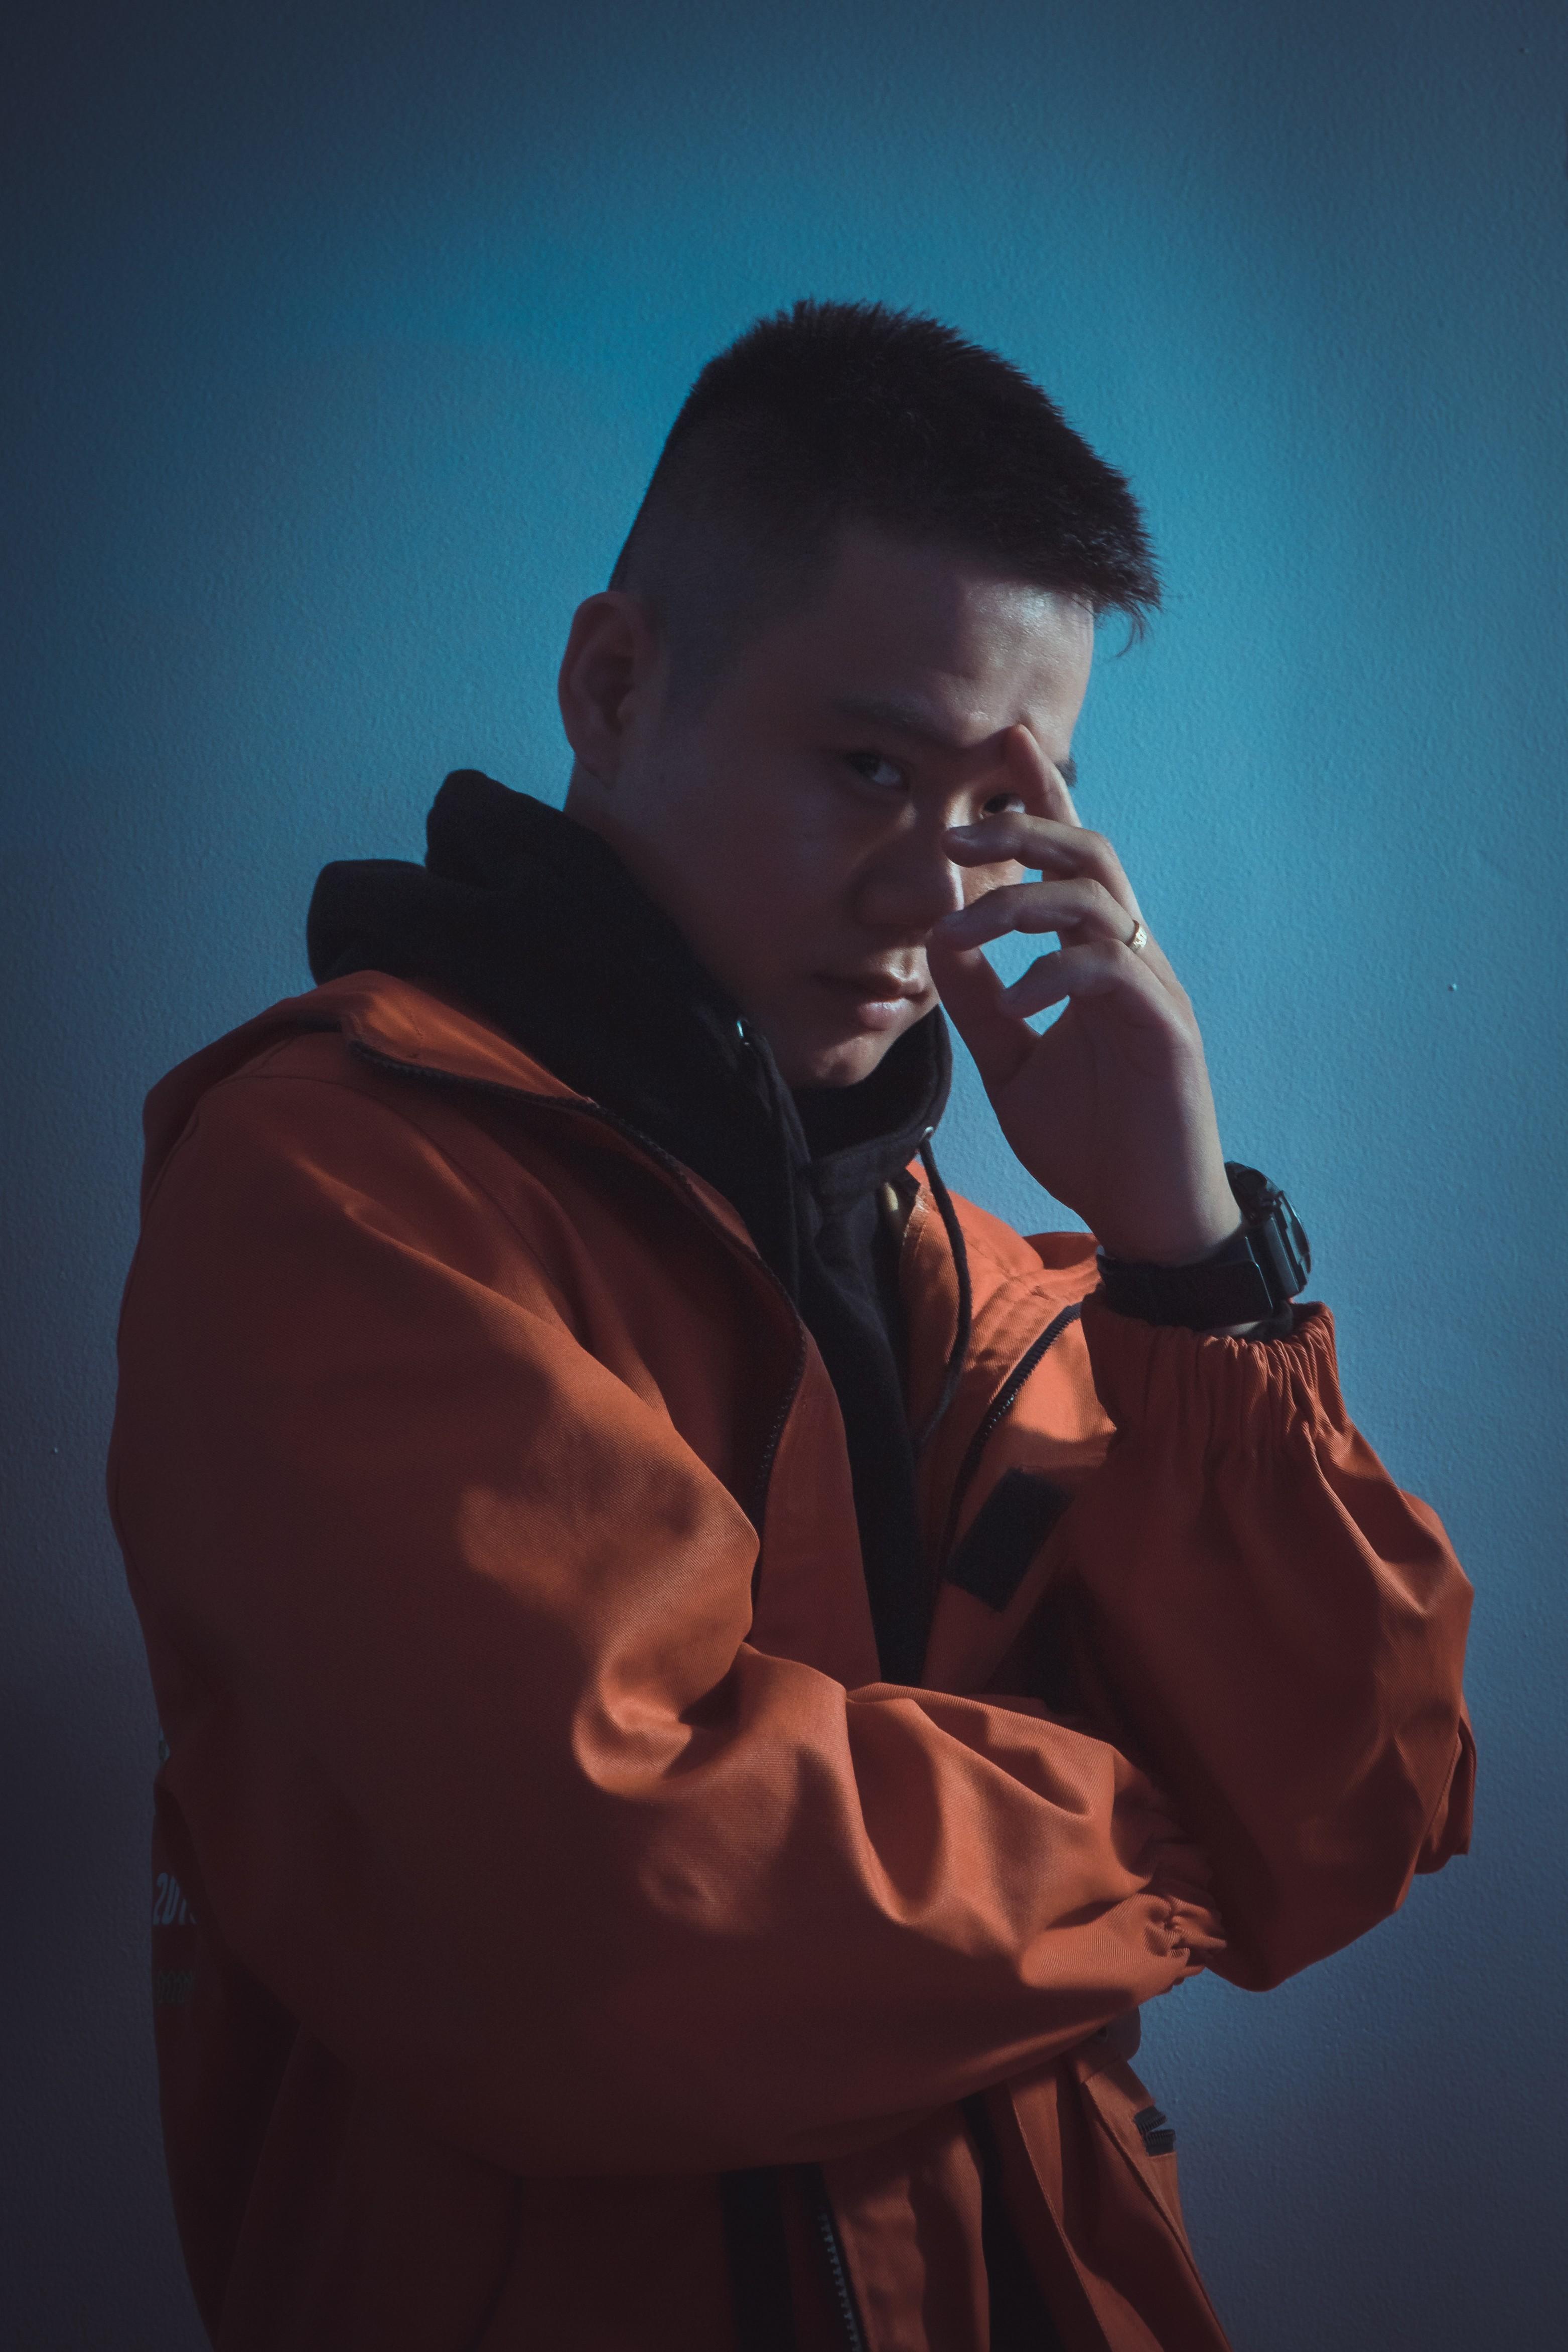 D.Blue và những gạch đầu dòng chưa từng biết: Chàng rapper đậm chất ngôn tình đến từ Tây Nguyên